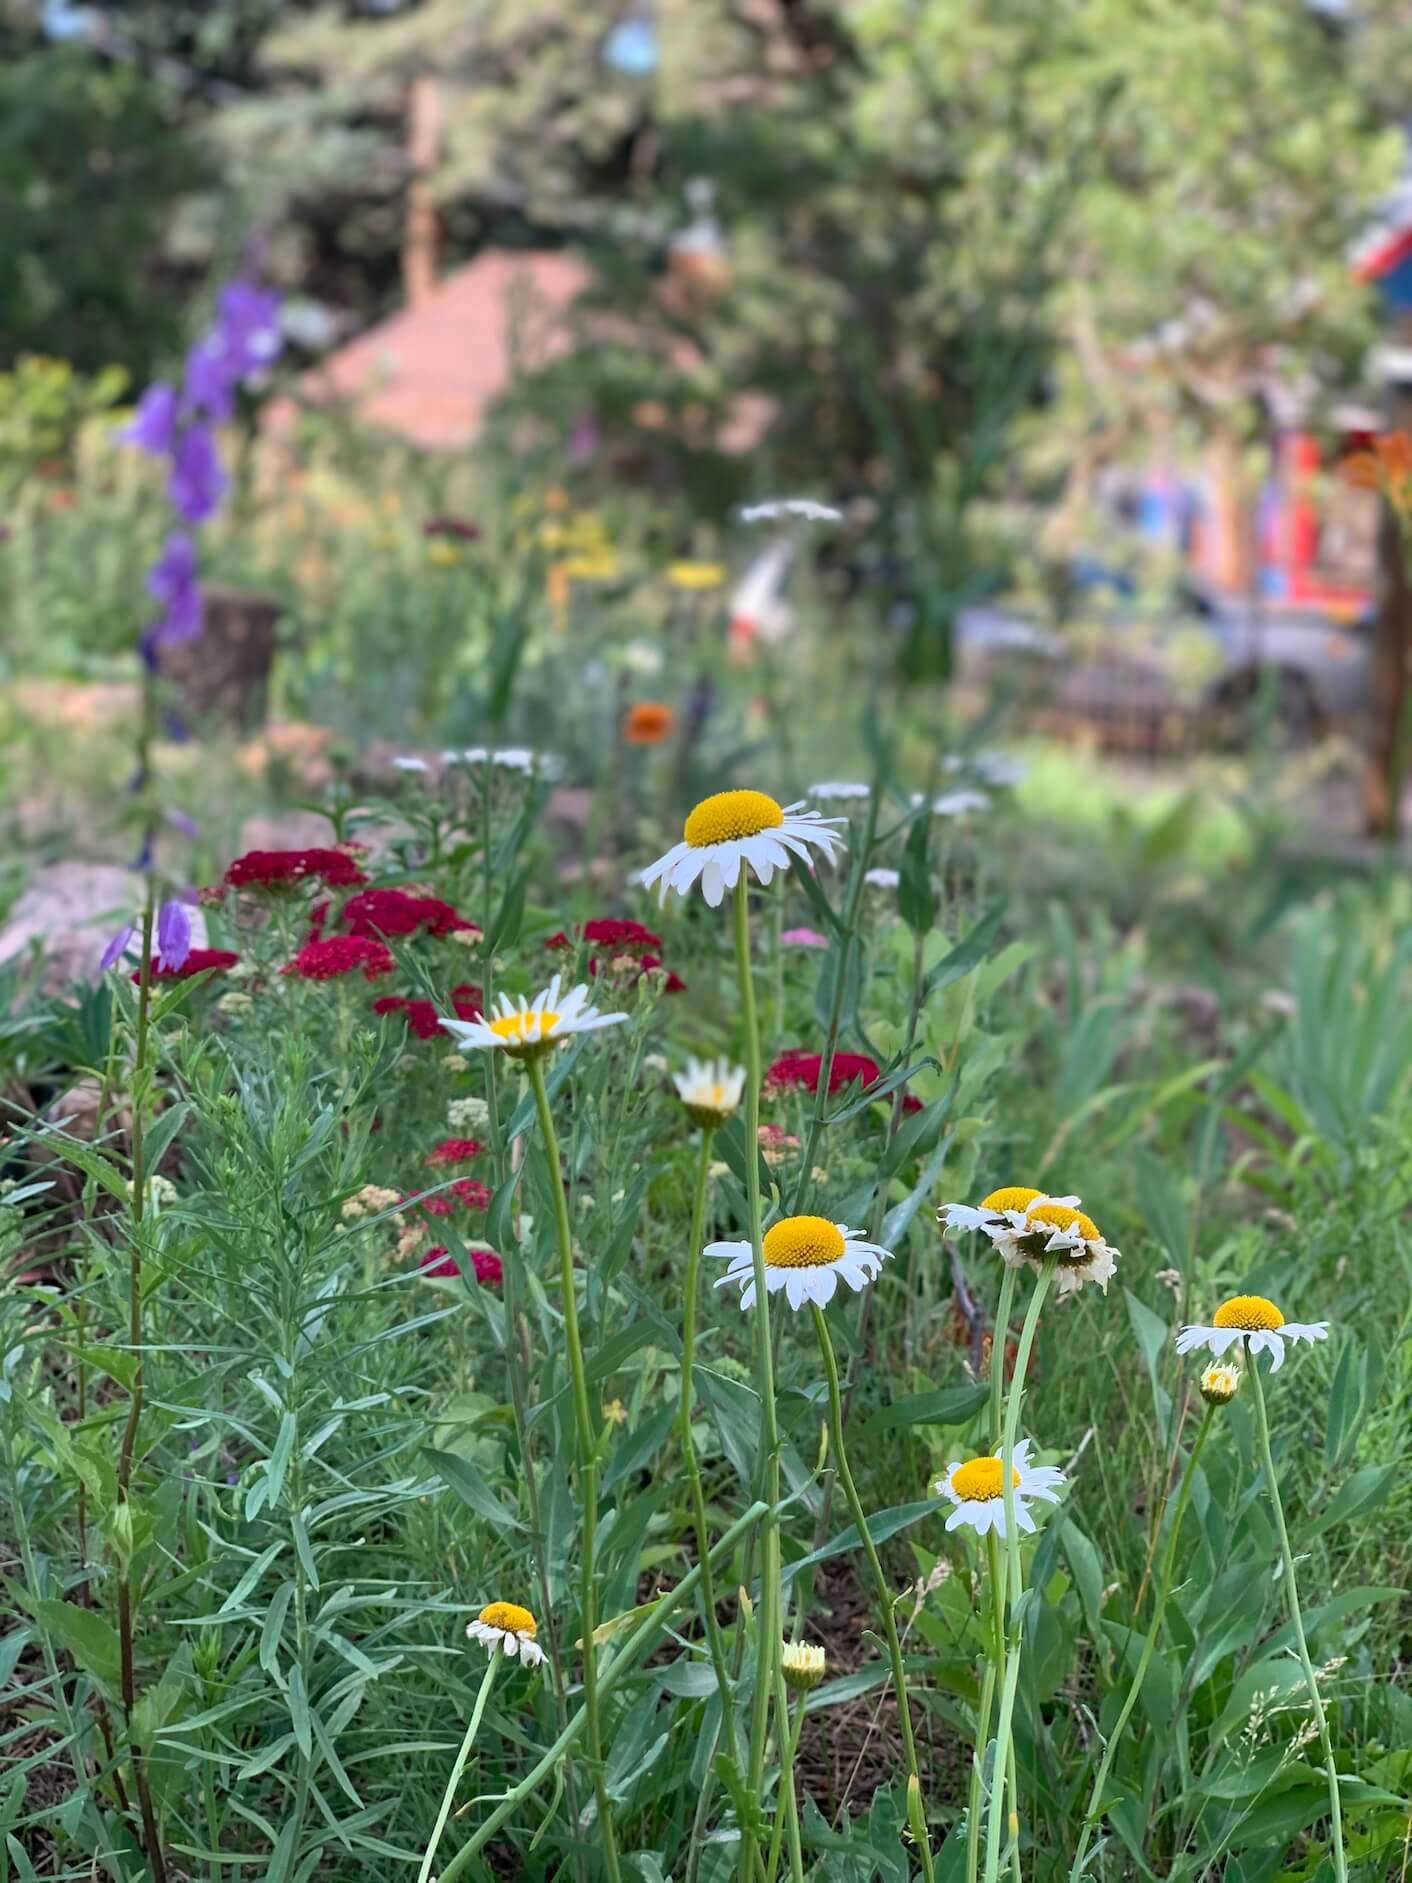 outdoor school Colorado Springs